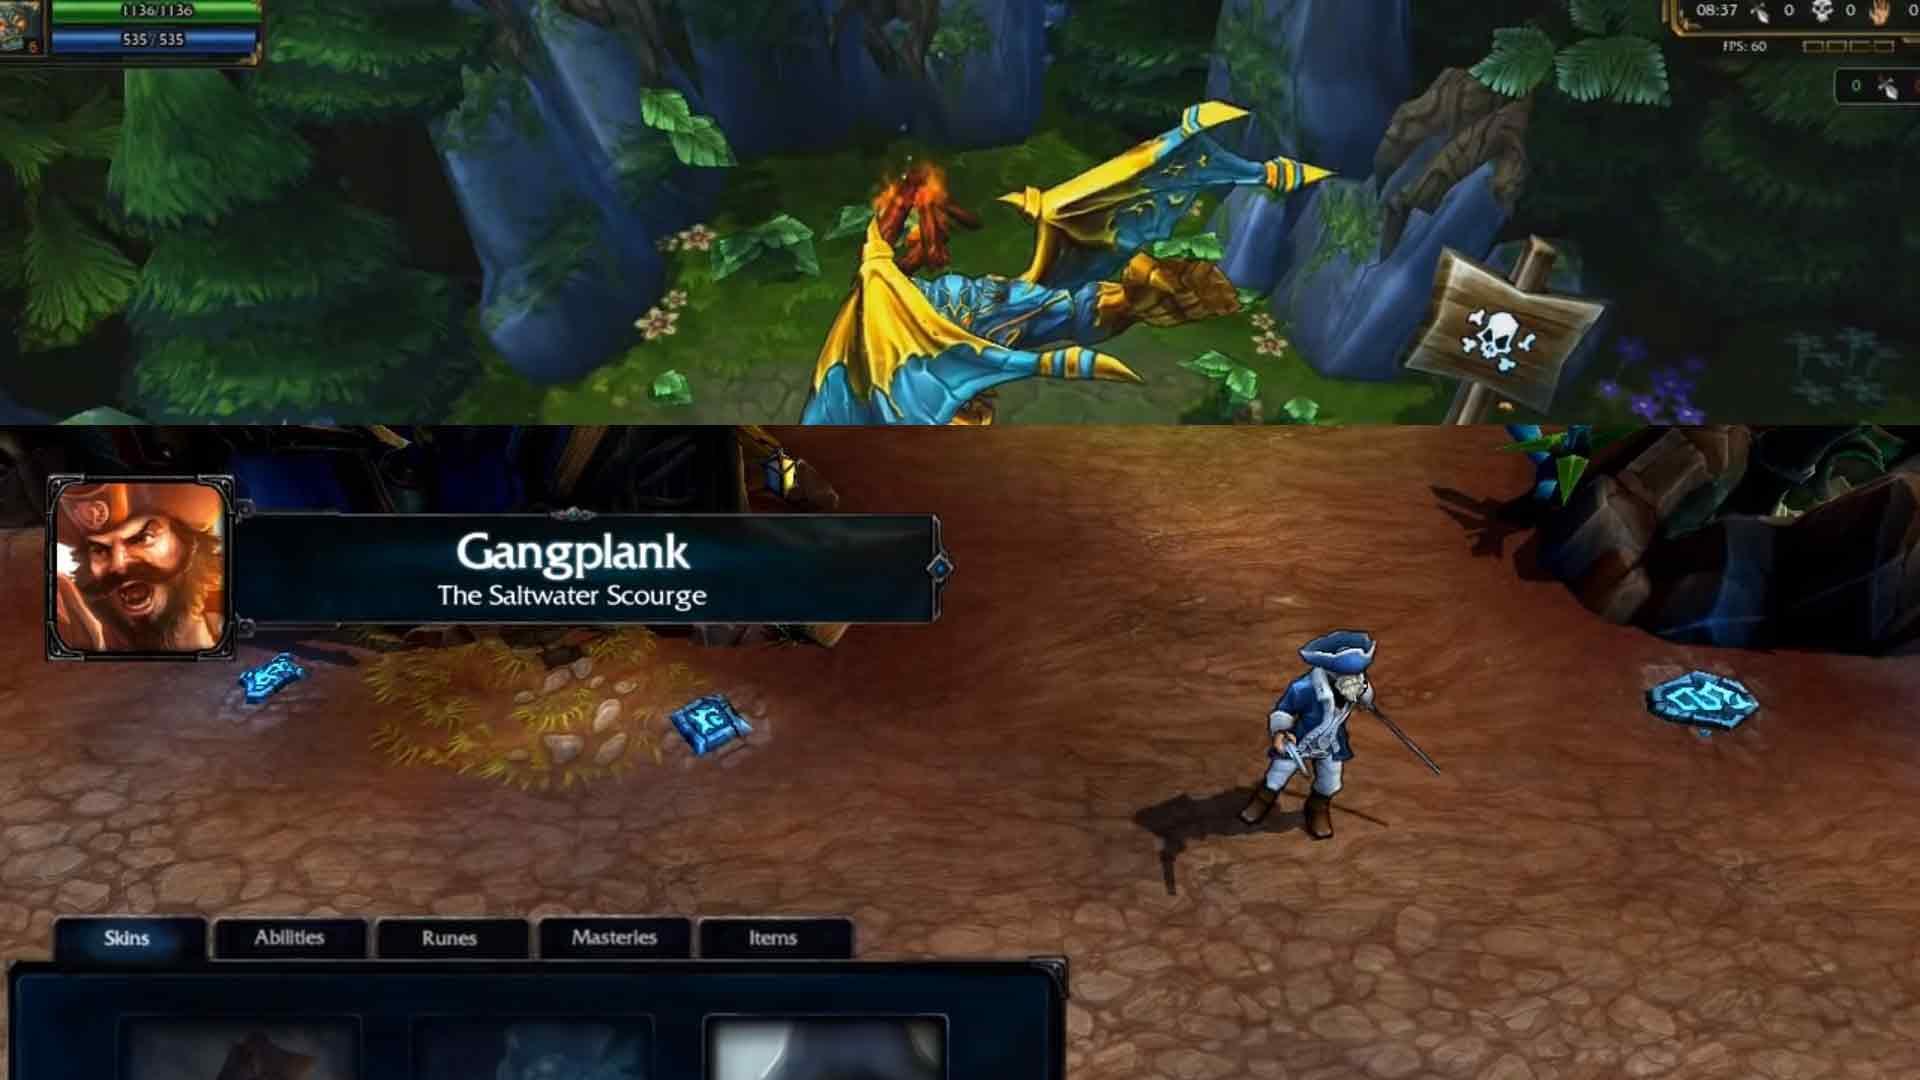 Gangplank-LOL-อดีตราชาโจรสลัด2